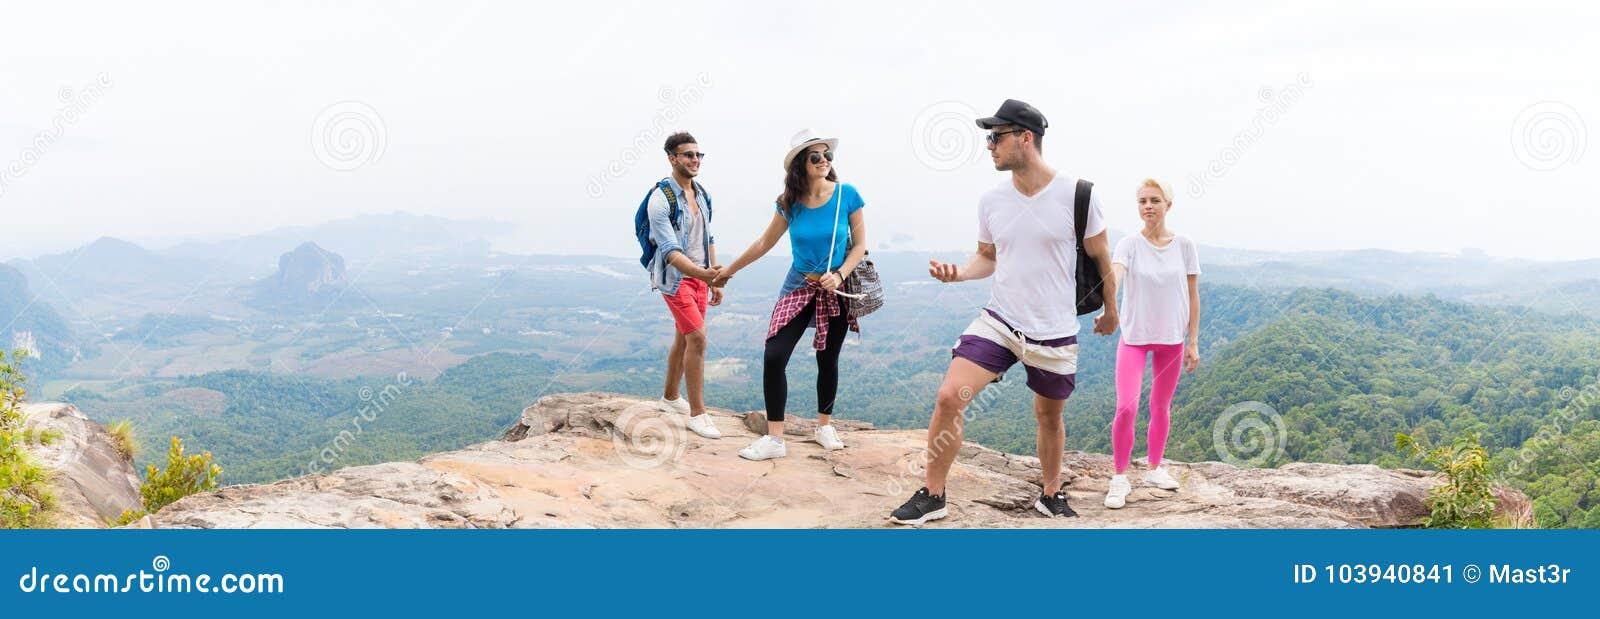 2 туристских пары с рюкзаком на говорить горы верхний над красивым взглядом панорамы ландшафта